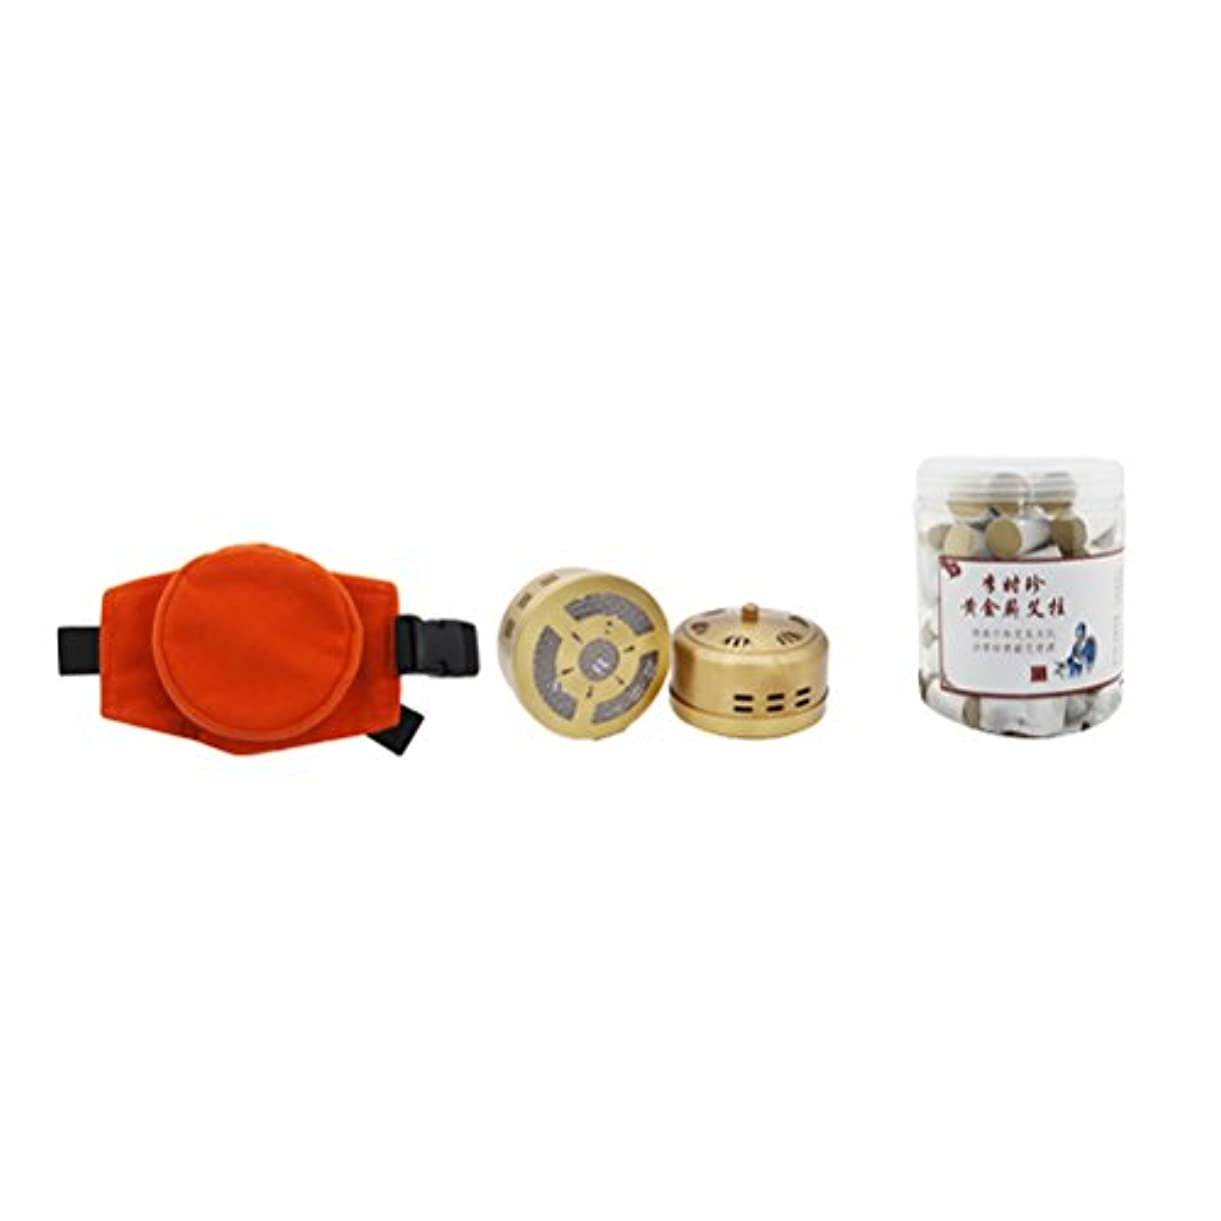 ラメストロートラフ灸スティックバーナーボックス無煙Moxa清浄器銅タンク調節可能なポケットと60個の腰部頚部の膝関節炎痛み緩和のための灸棒の灸治療の箱